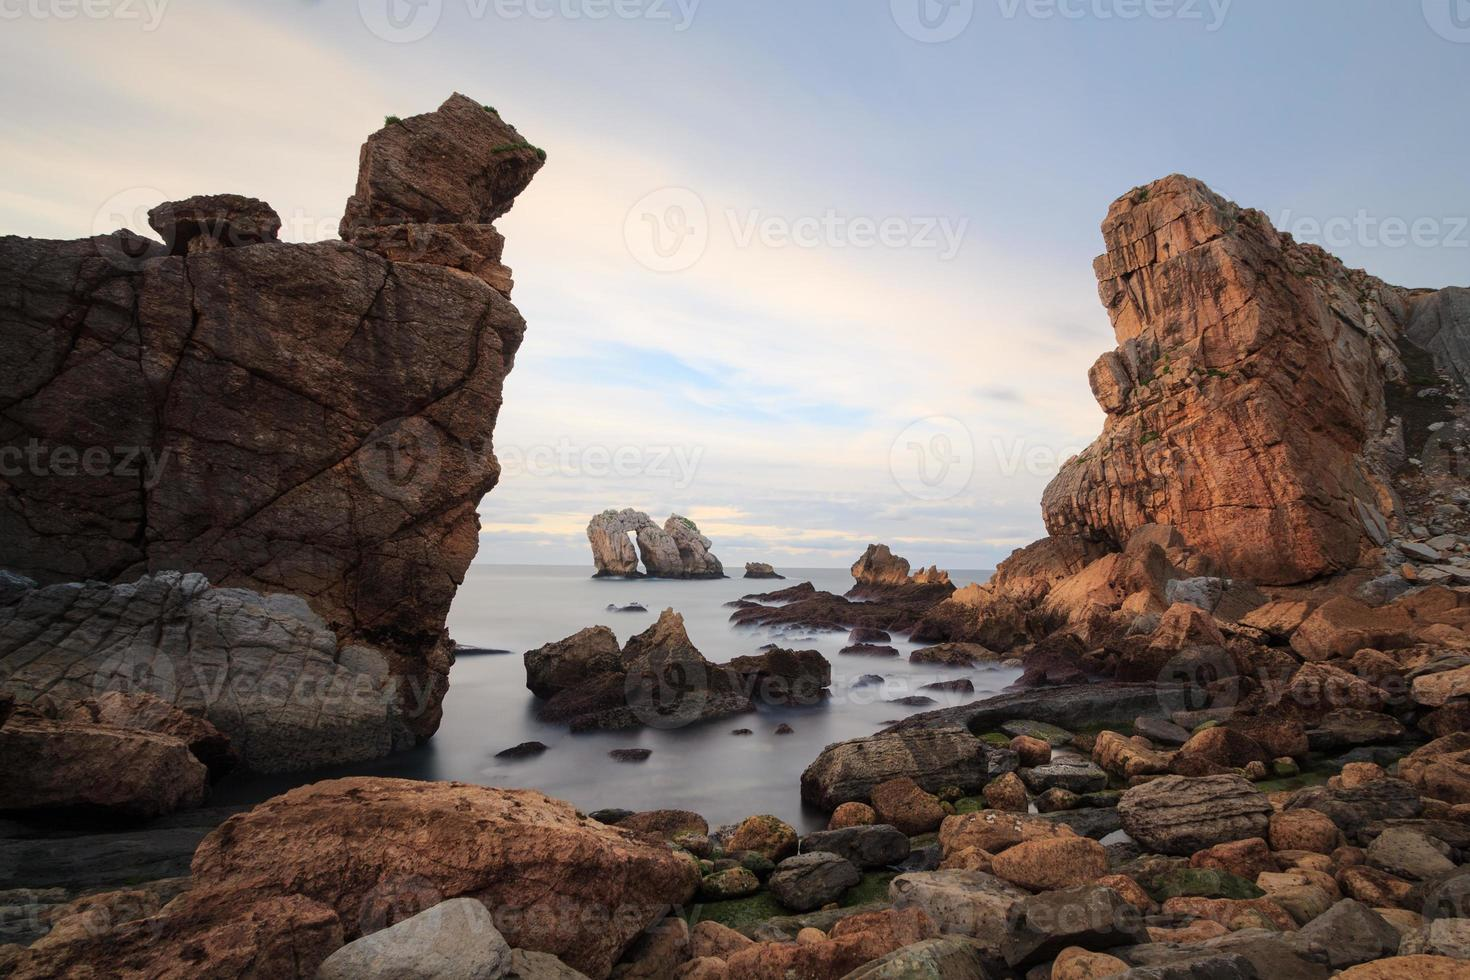 as costas rochosas do norte da Espanha, liencres foto